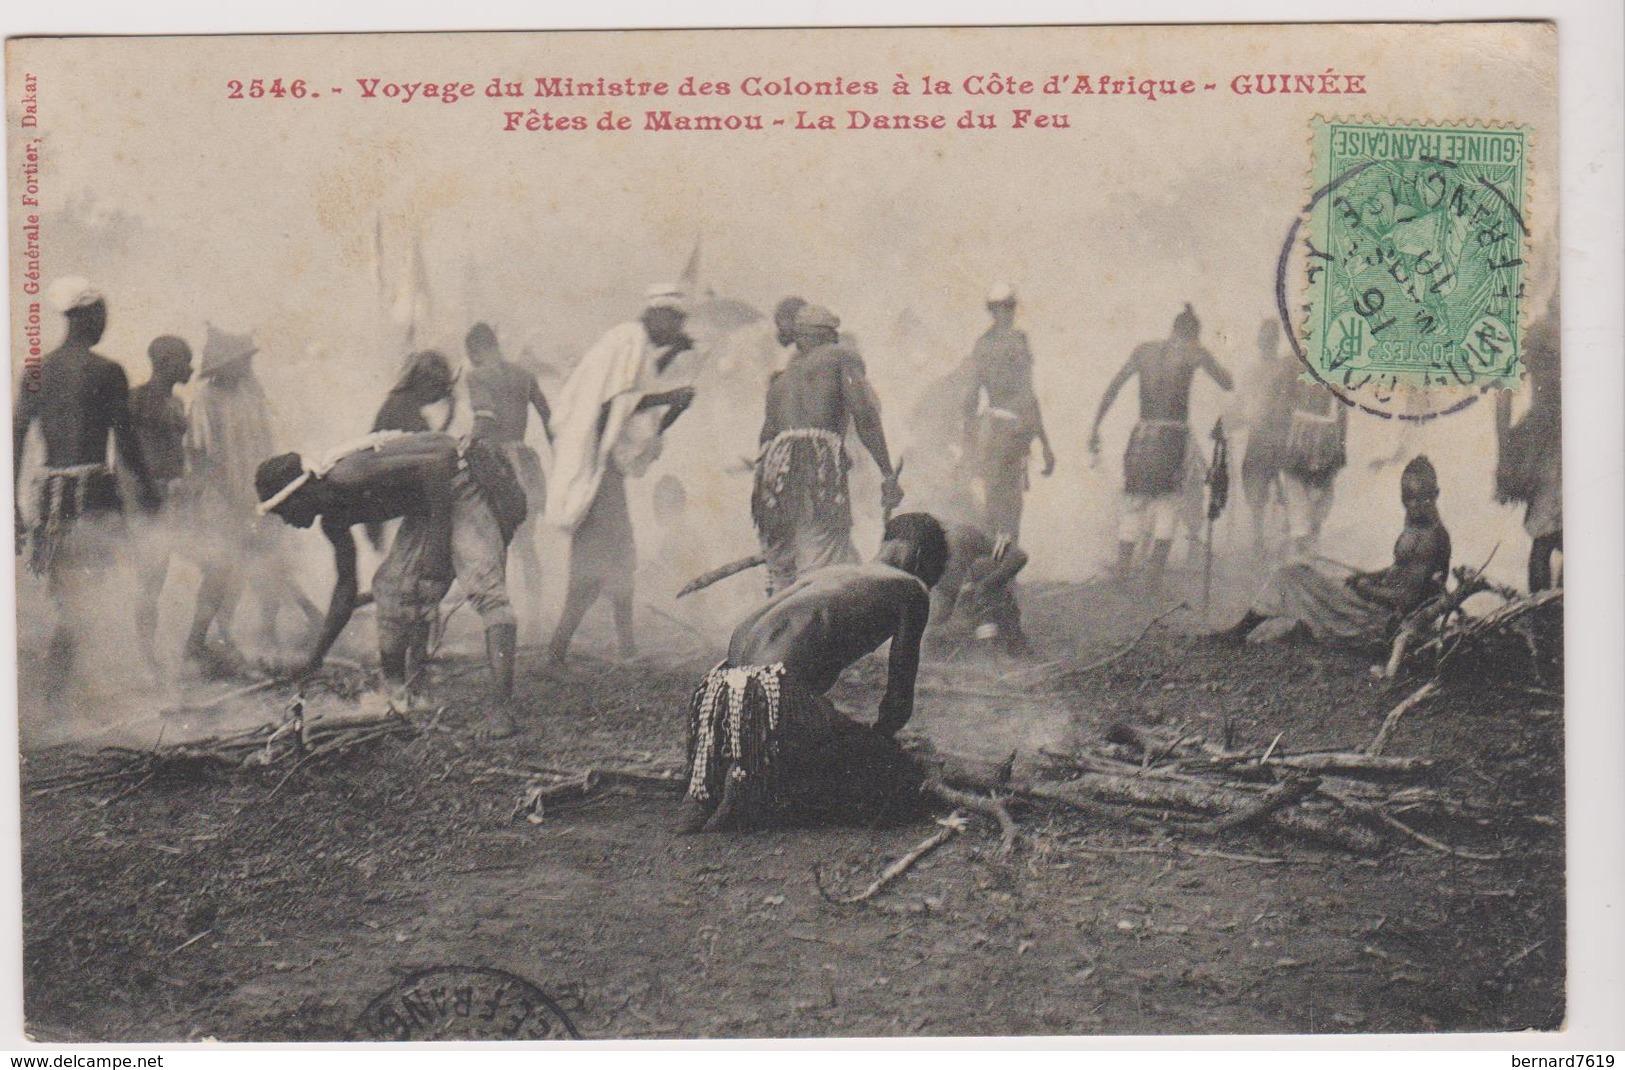 Haute Guinee Voyage  Du Ministre Des Colonies A La Cote D'afrique Guinee  Fetes De Mamou La Danse Du Feu - Guinea Francesa